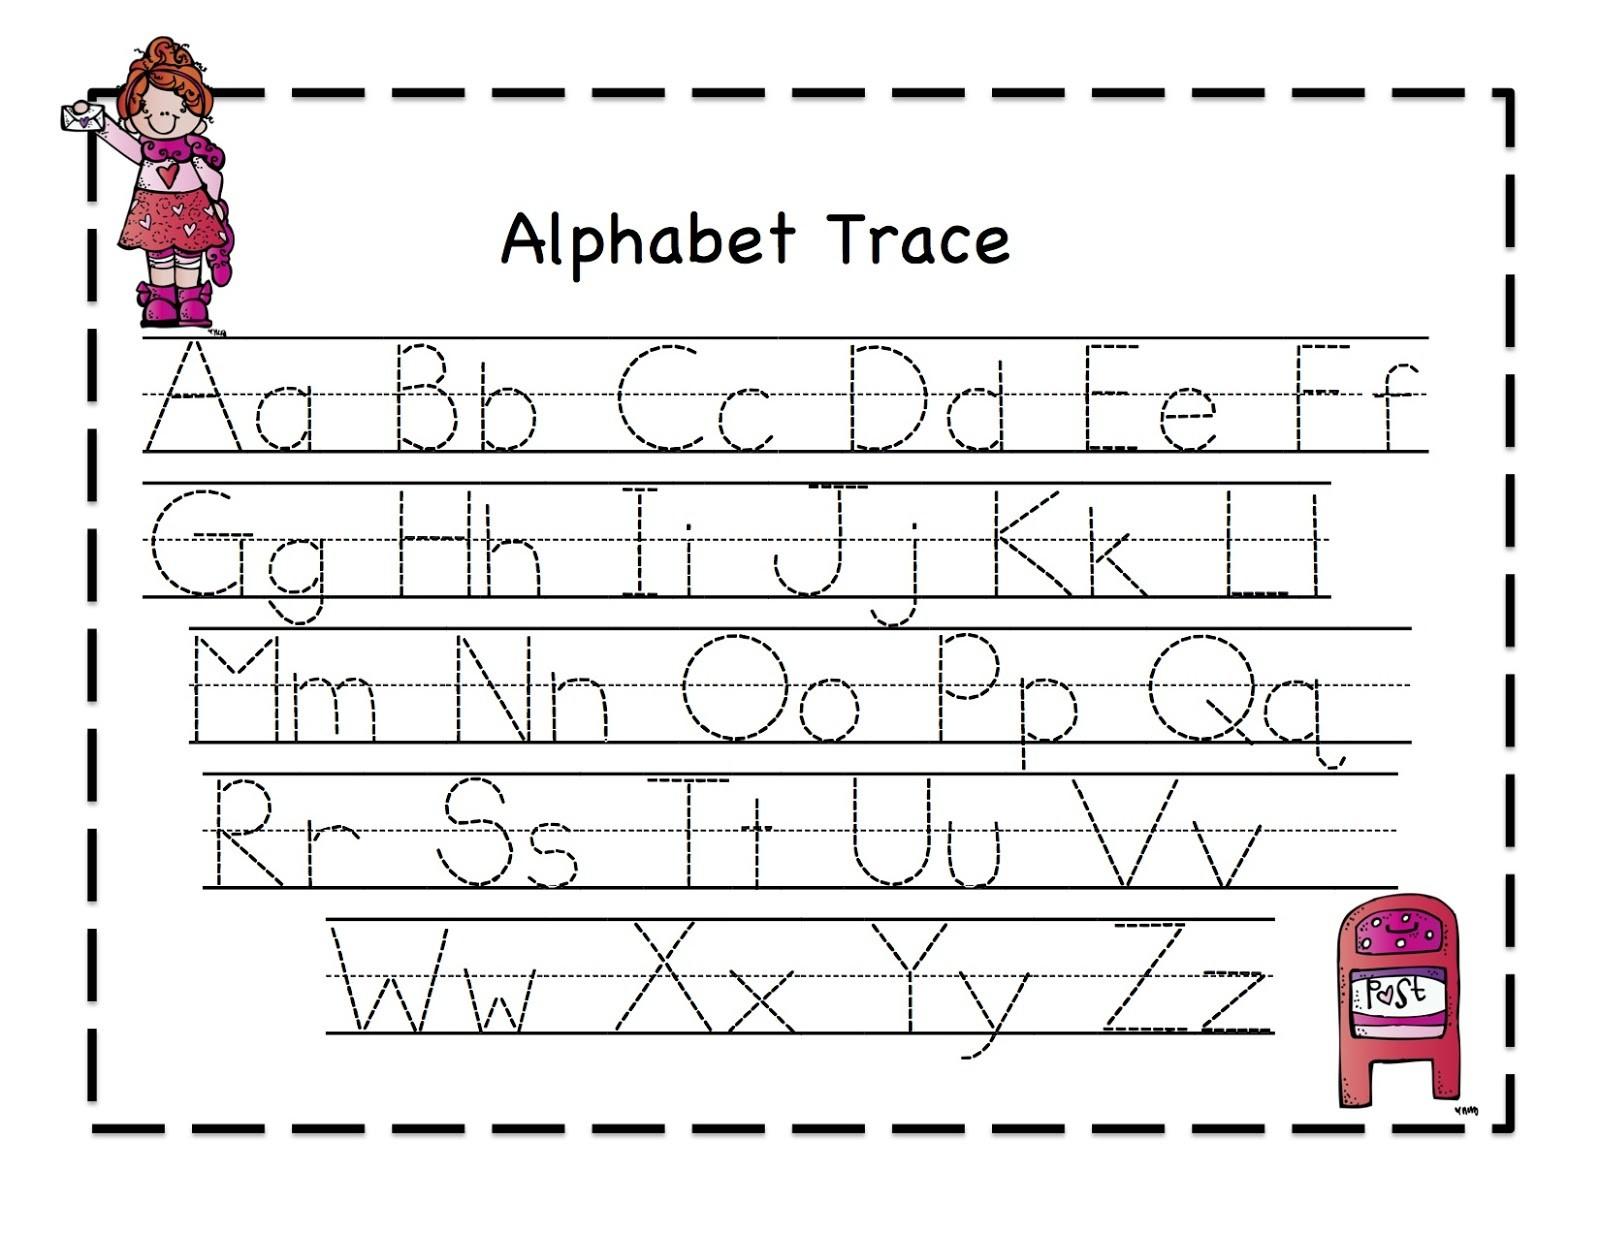 Free Printable Preschool Worksheets Tracing Letters To Download - Free Printable Preschool Worksheets